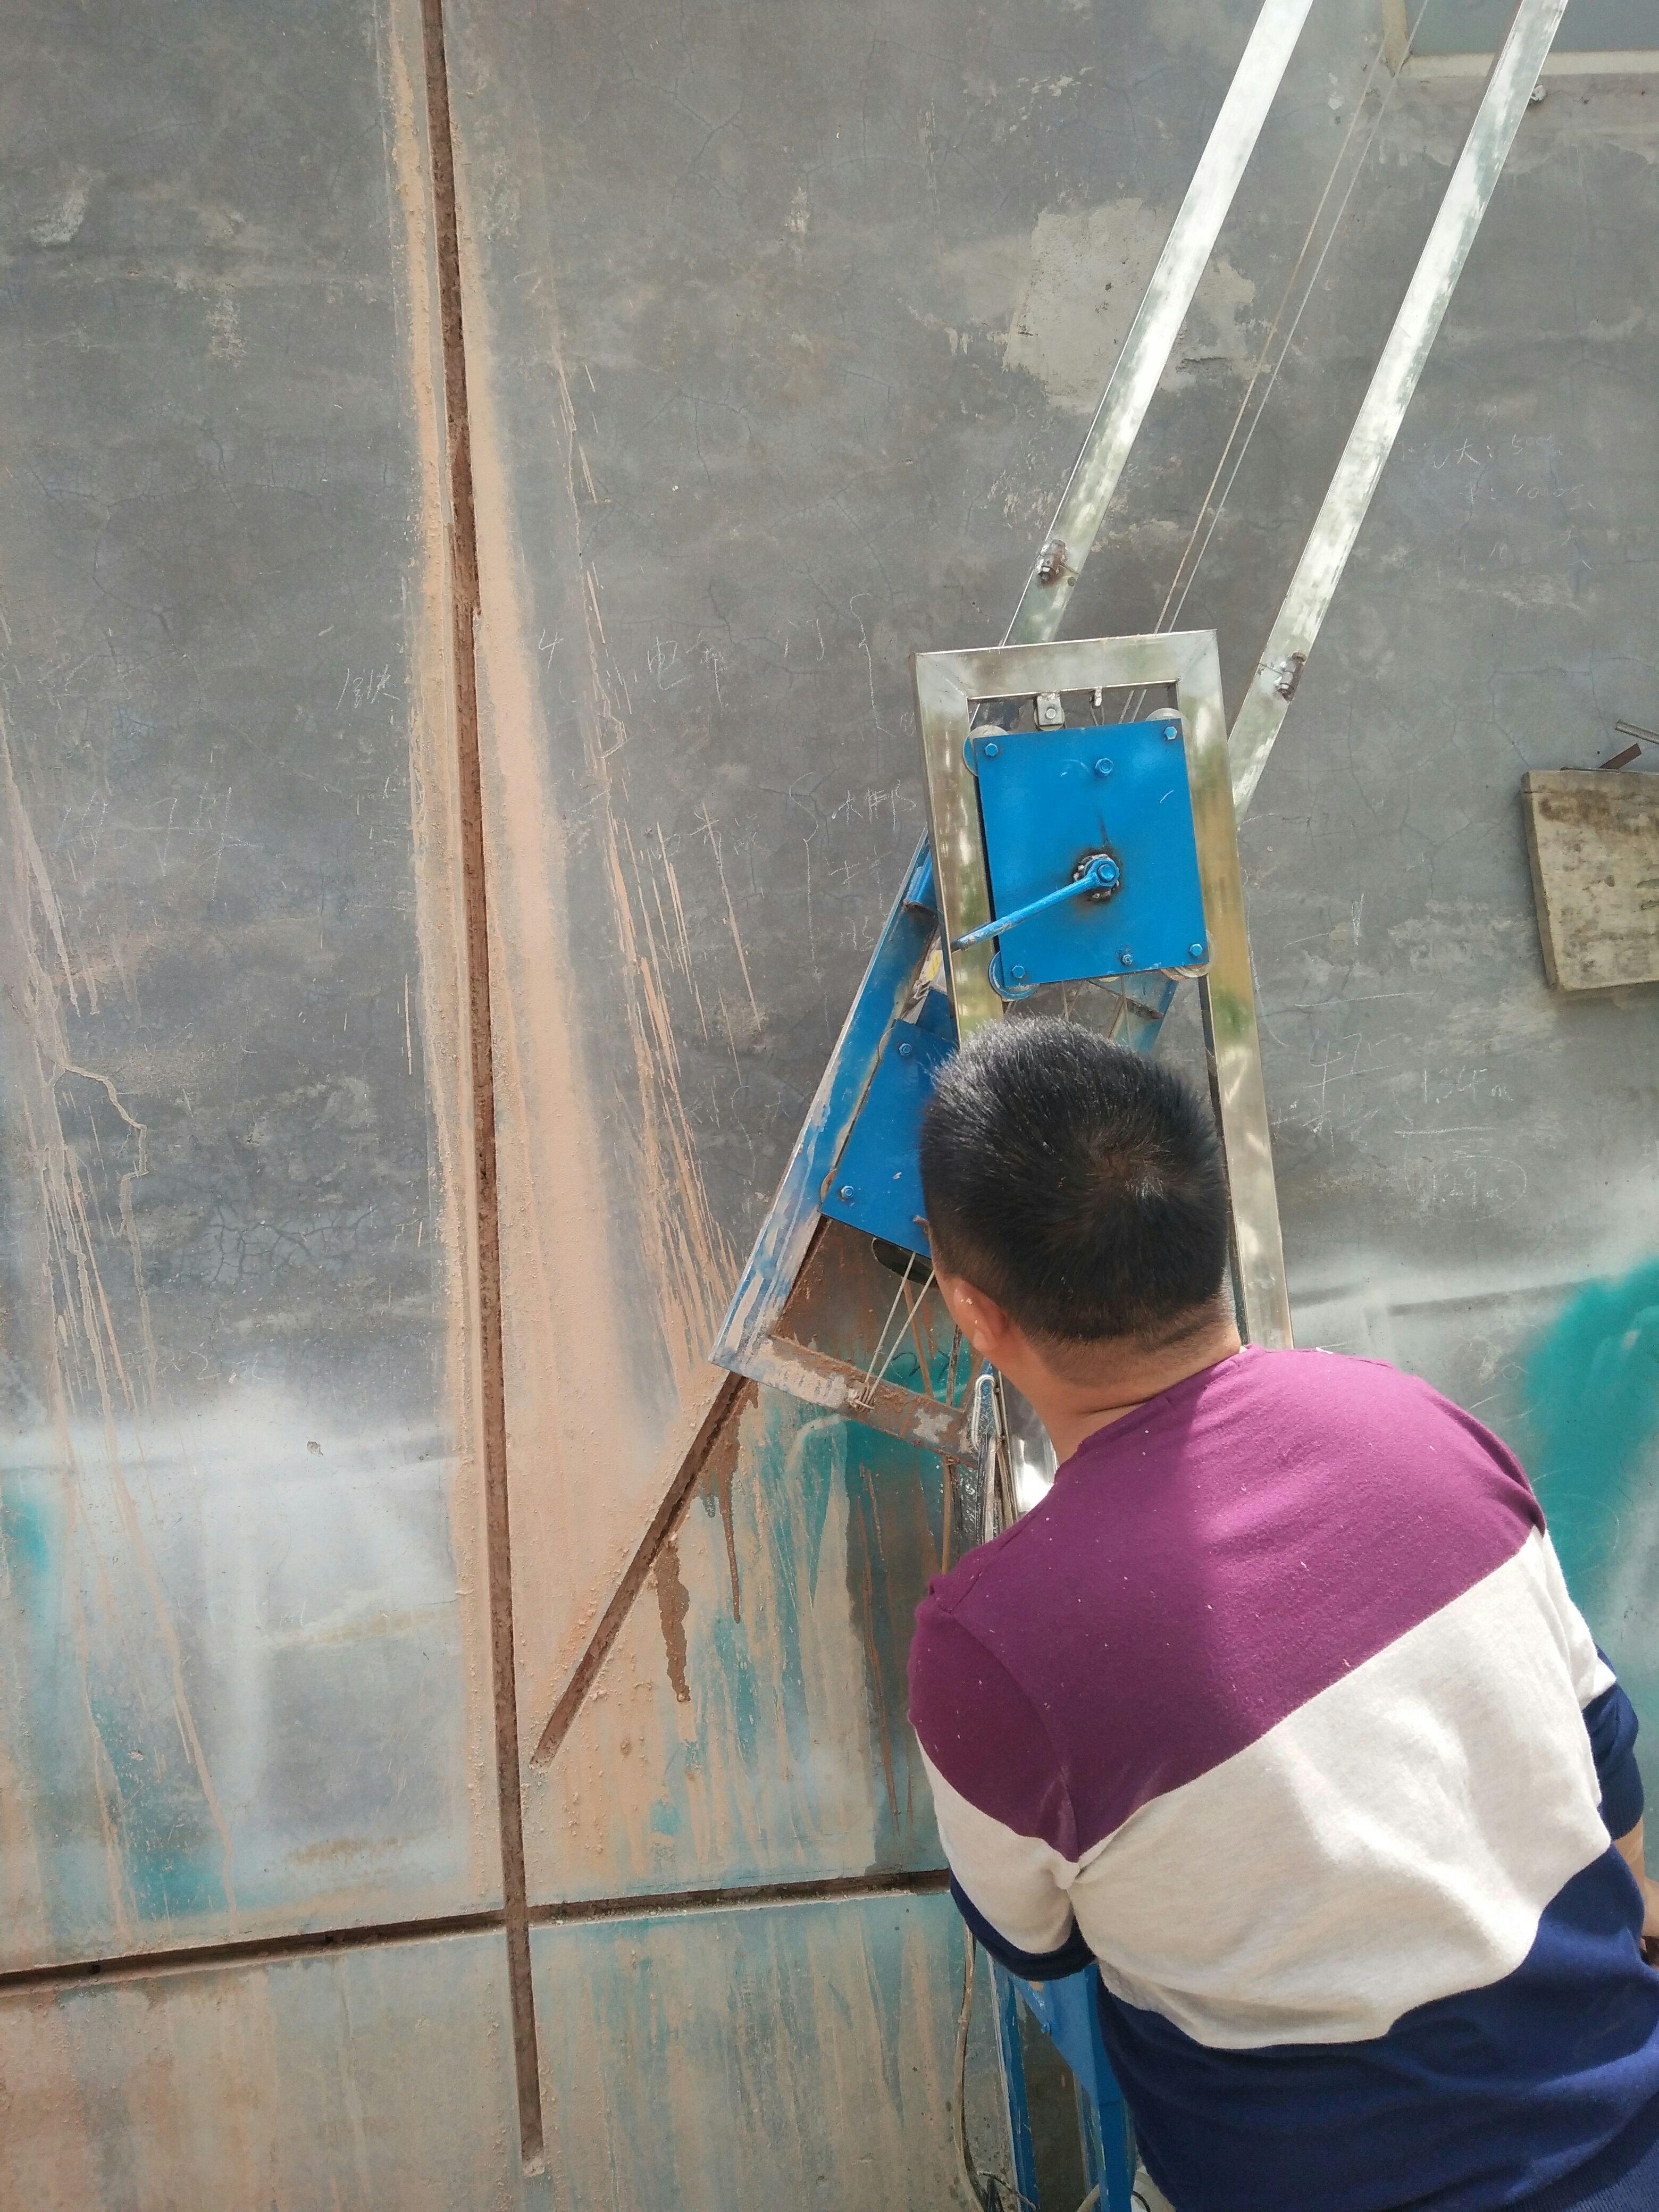 Schneidemaschine, die einmal wasserkraft staubfreien keine sackgassen Beton der wände Schneiden automatische Aufhebung